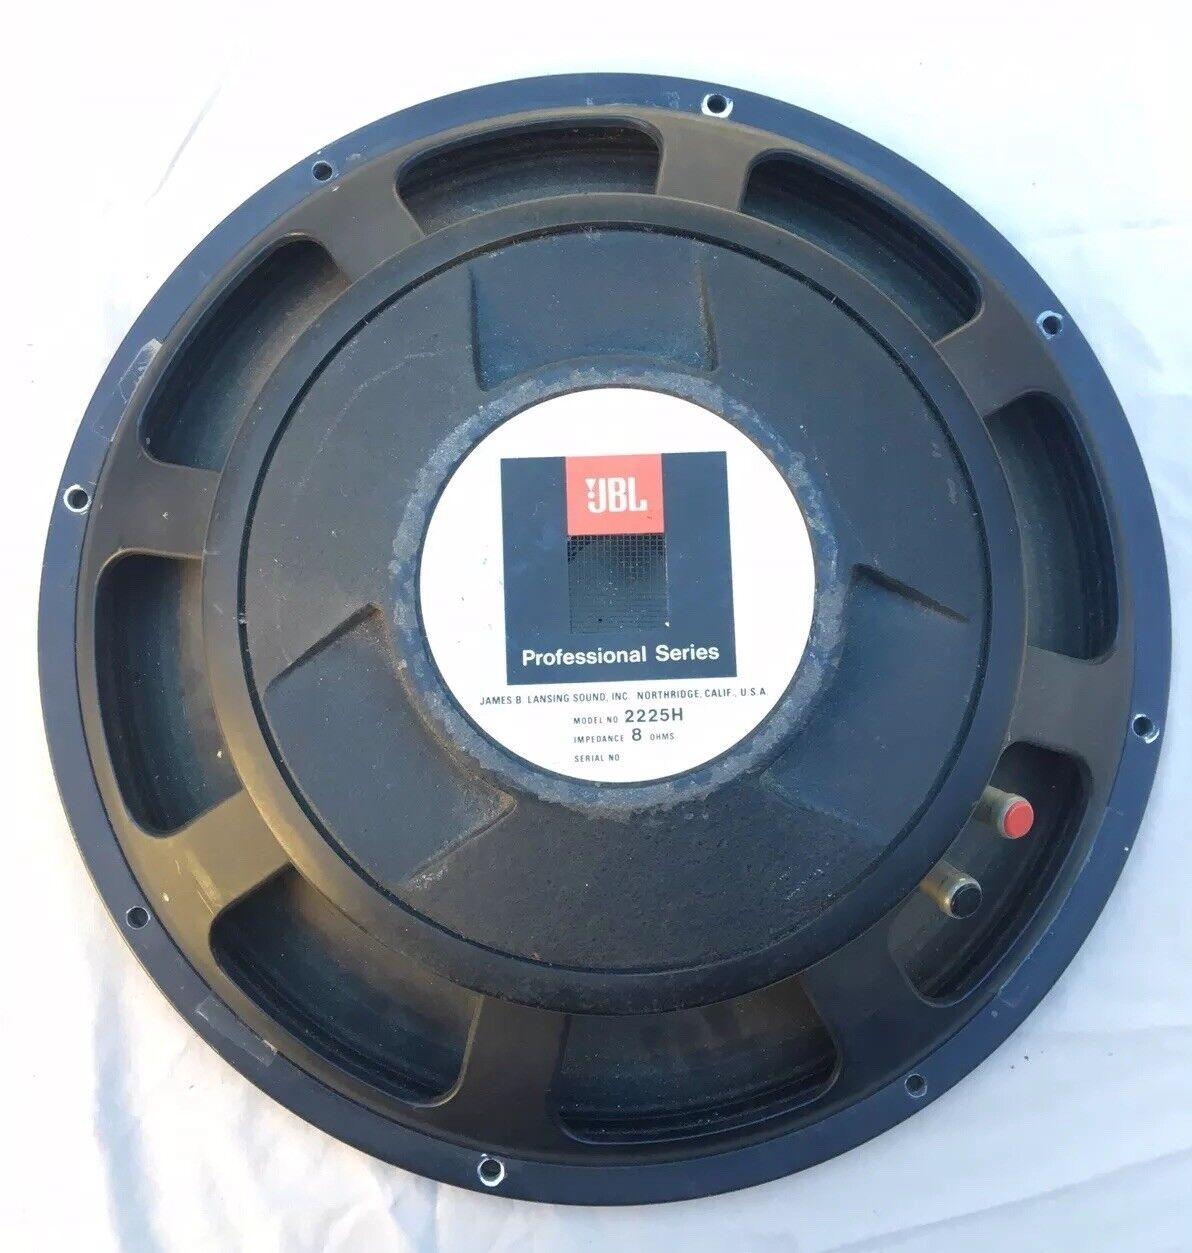 JBL 15  Professionals Series 2225H Speaker Woofer 8 OHMS (11)